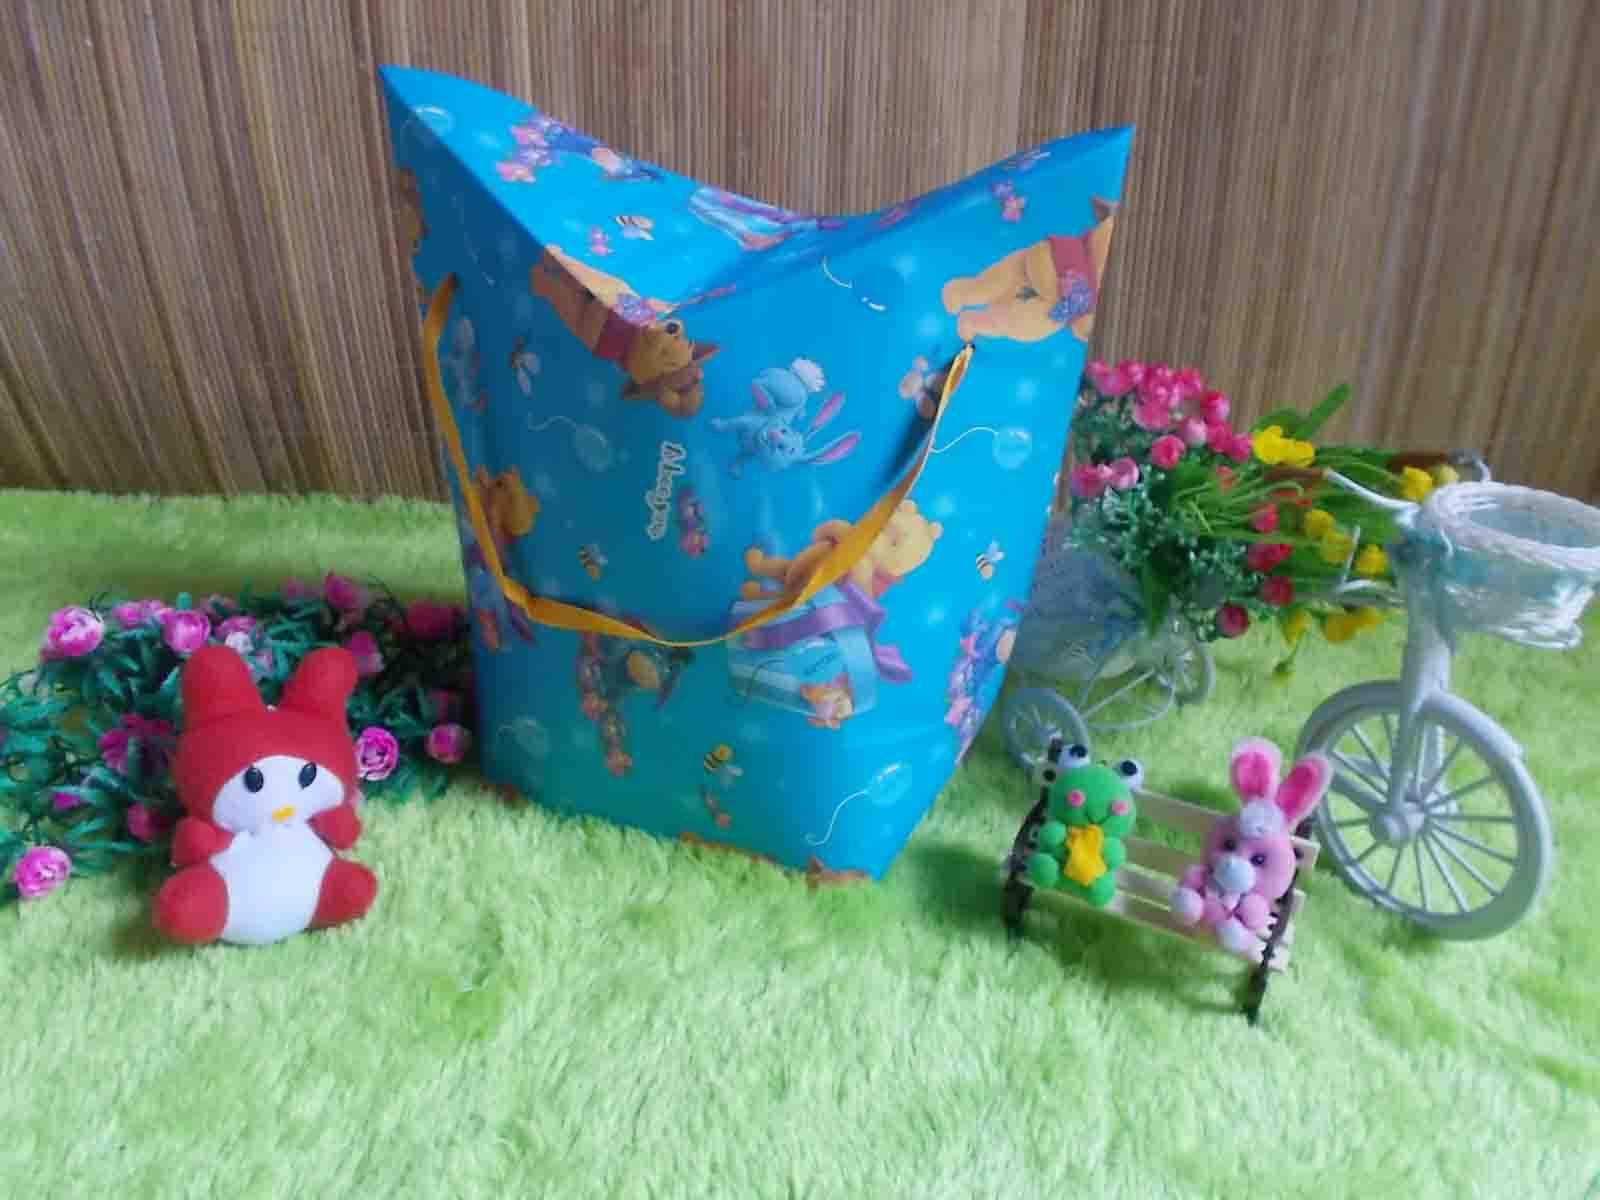 kemasan kado, bungkus kado, tas souvenir, tas kado, paper bag, gift bag WINNIE THE POOH BIRU 15 bahan karton tebal dan kaku jadi bisa digunakan berulang kali,